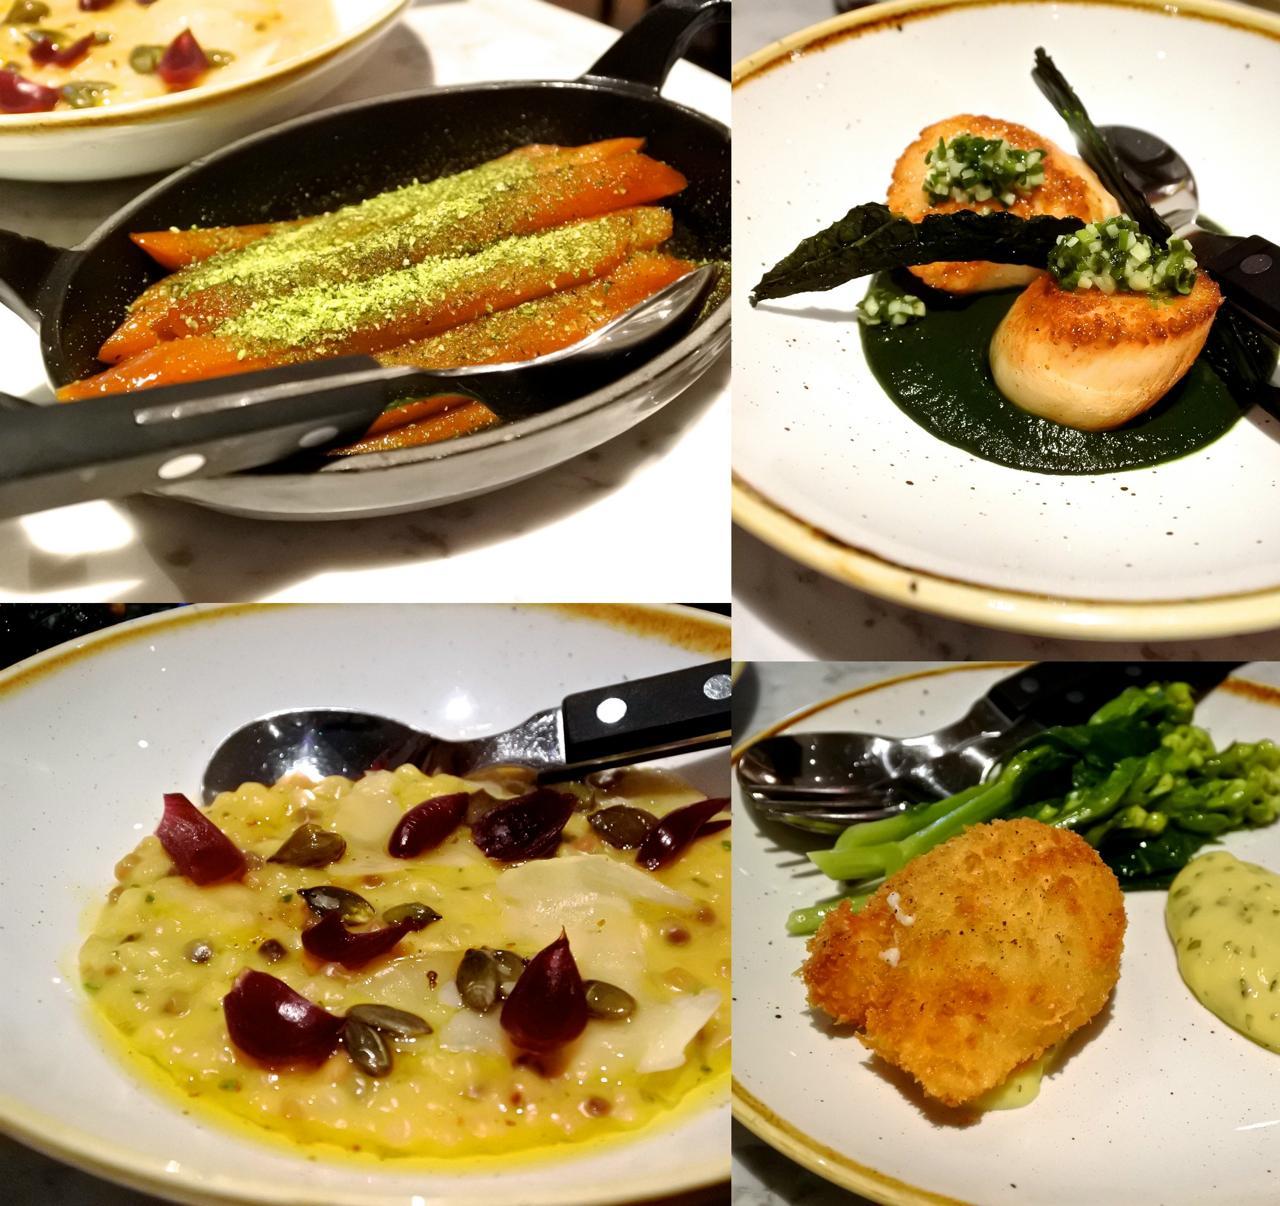 左上から時計回りにサルシフィ(牛蒡みたいな野菜)のグレーズ、ホタテのカルボ・ネロ・ソース、ホワイト・ブロッコリーとポーチド・エッグのフライ、パール・バーリーのパンプキン・リゾット。どれも文句なく美味しい。そして、これだけ野菜料理を丁寧に作れるジュンさんを尊敬!